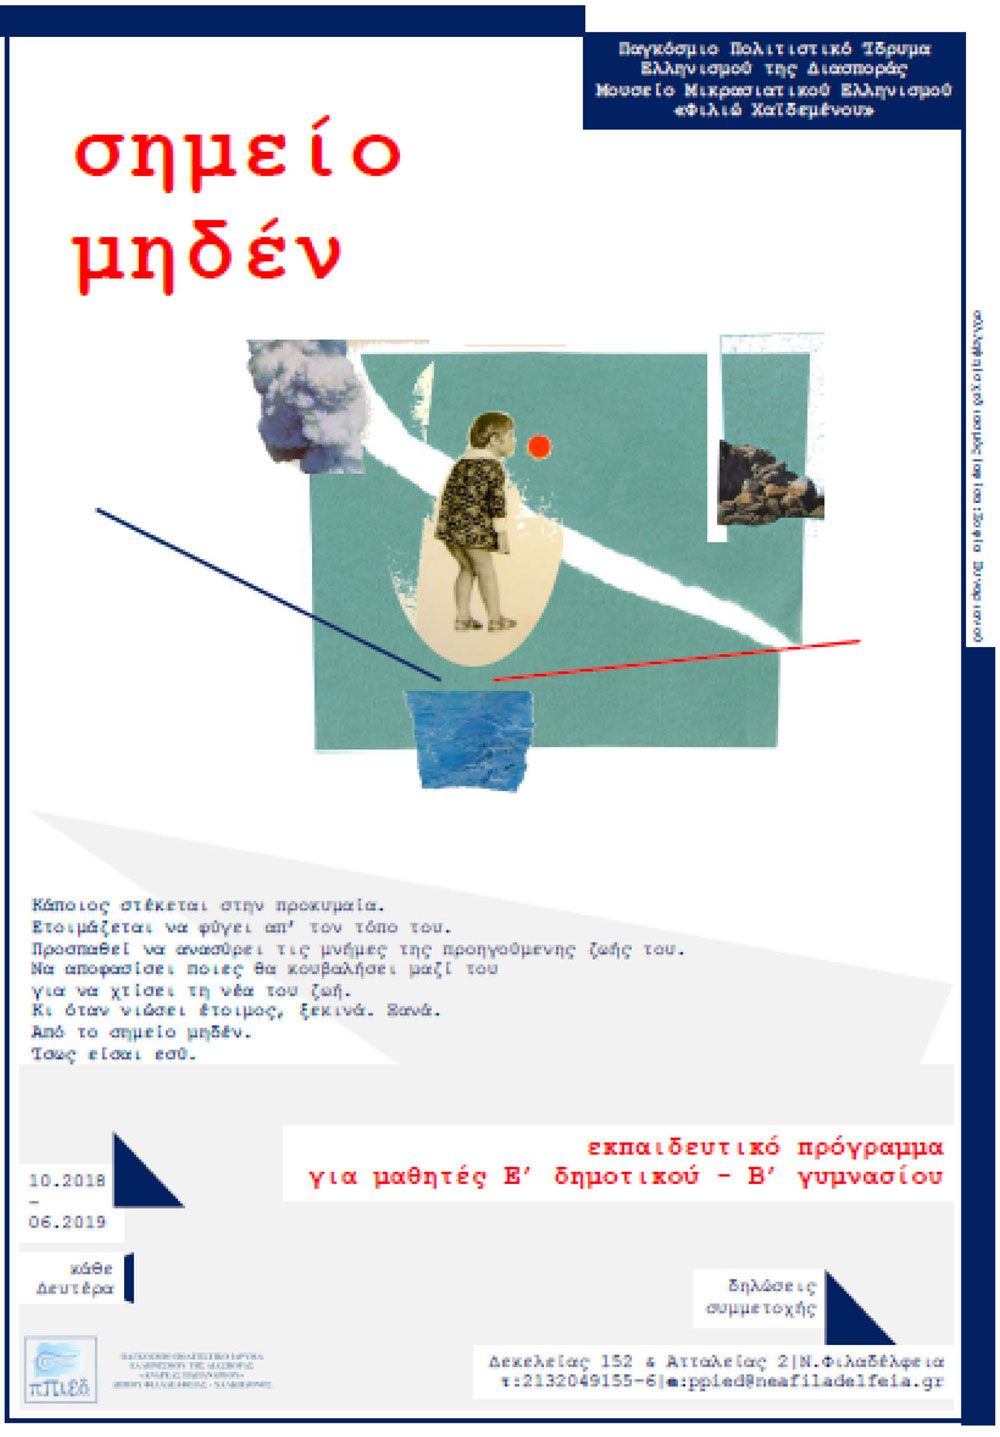 ppied-shmeio0-poster